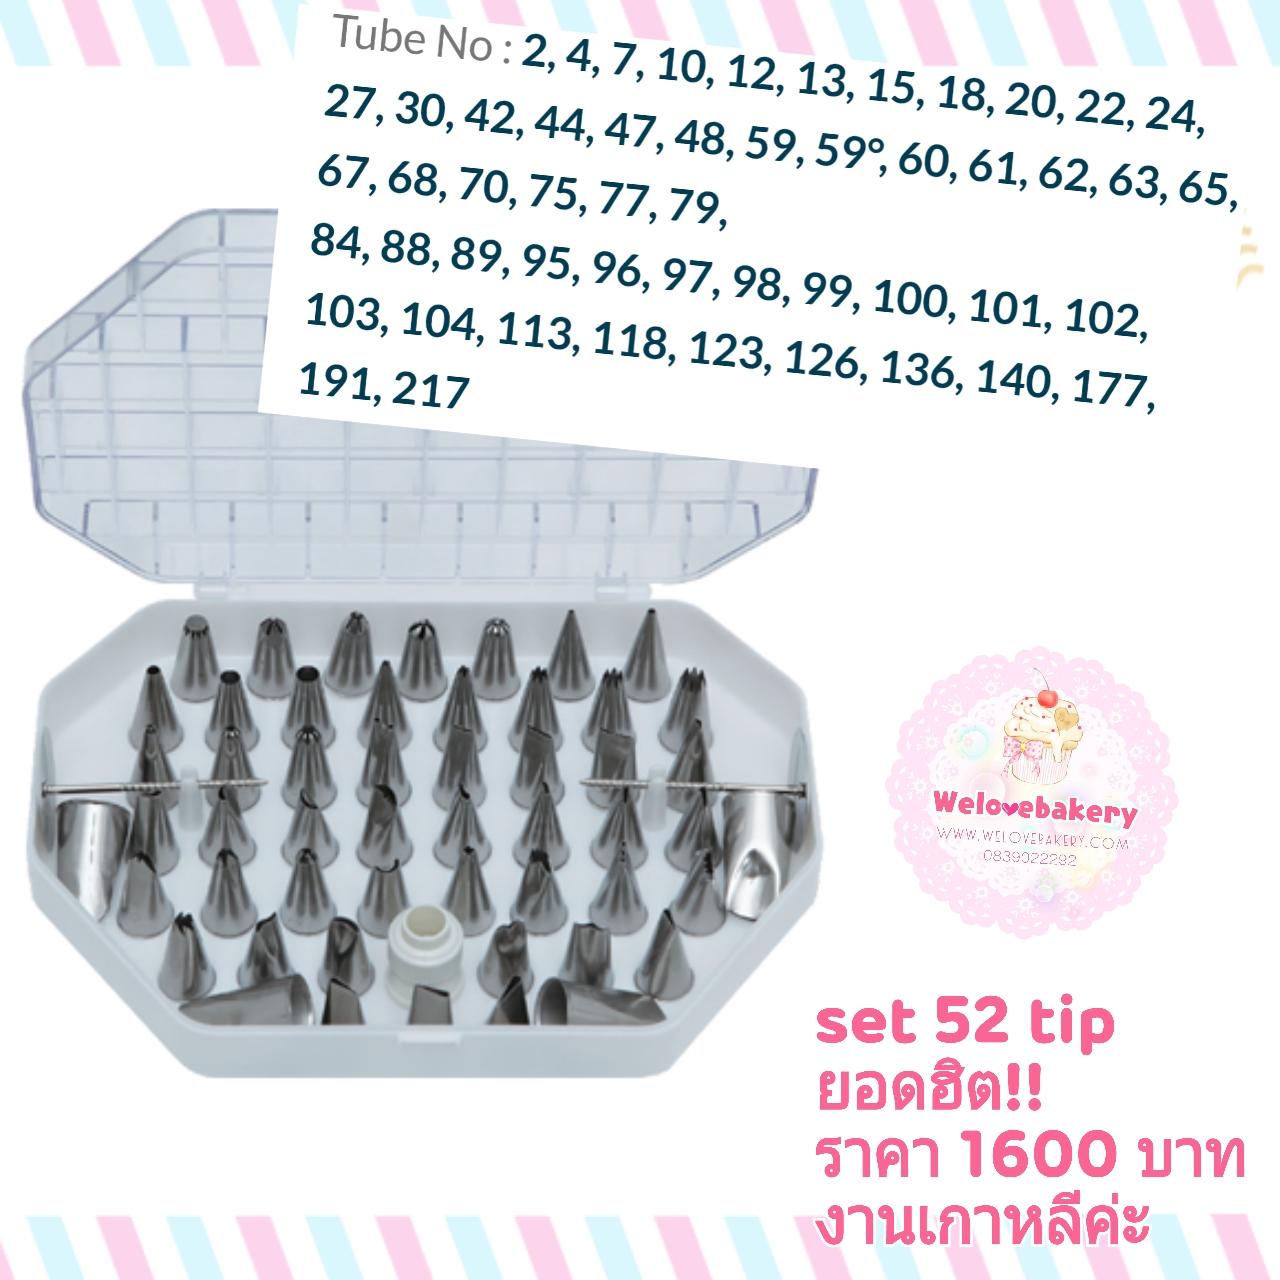 ชุดหัวบีบครีมเค้ก 52 หัว + ร่มแต่งกุหลาบ +ตัวล็อก (จากเกาหลี) แถมถุงบีบ 14